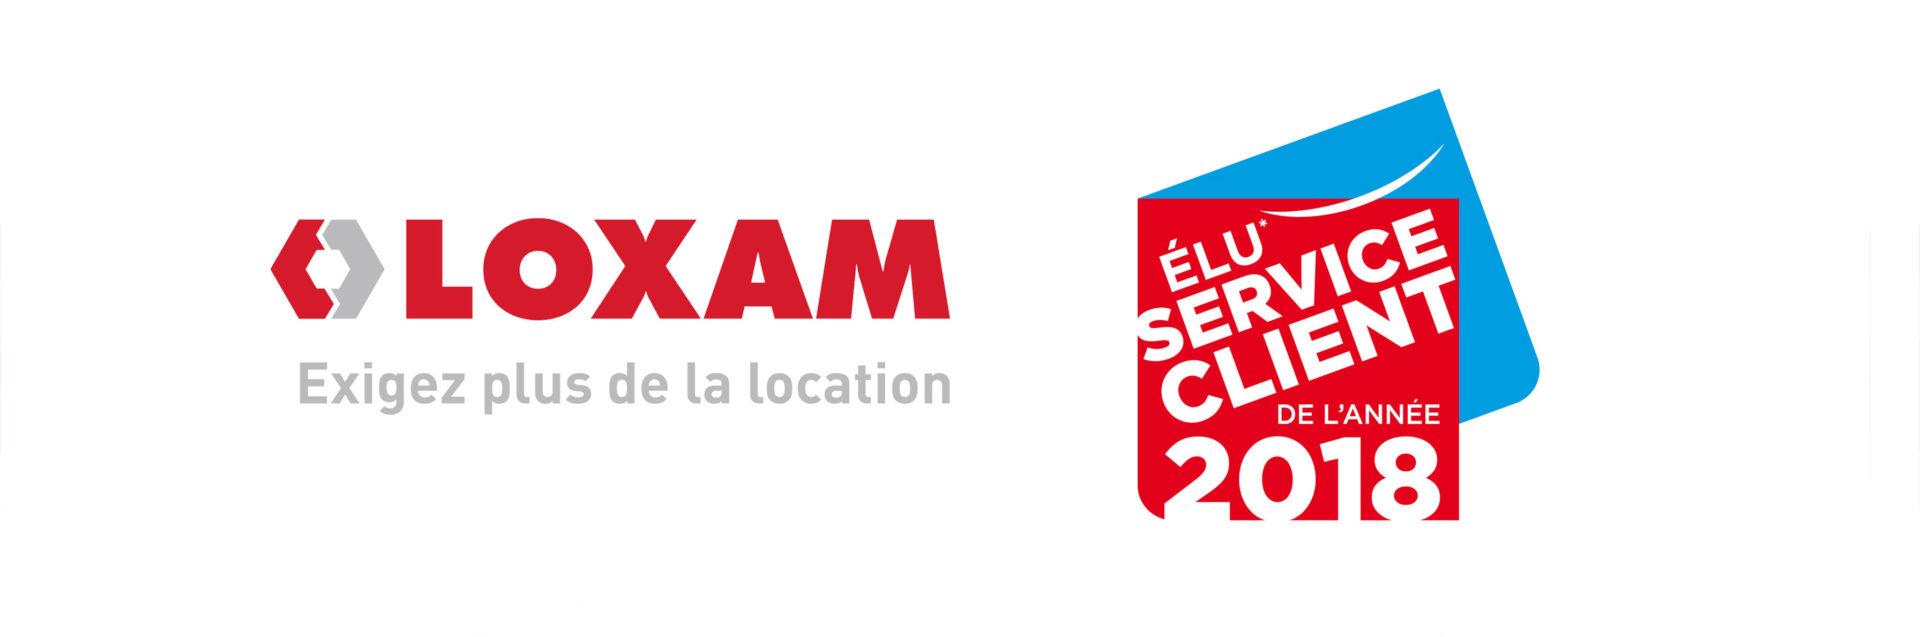 """<p><strong class="""" hr"""">LOXAM EST ÉLU SERVICE CLIENT DE L'ANNÉE 2018, </strong>POUR LA QUALITÉ DE SA RELATION CLIENT</p>"""